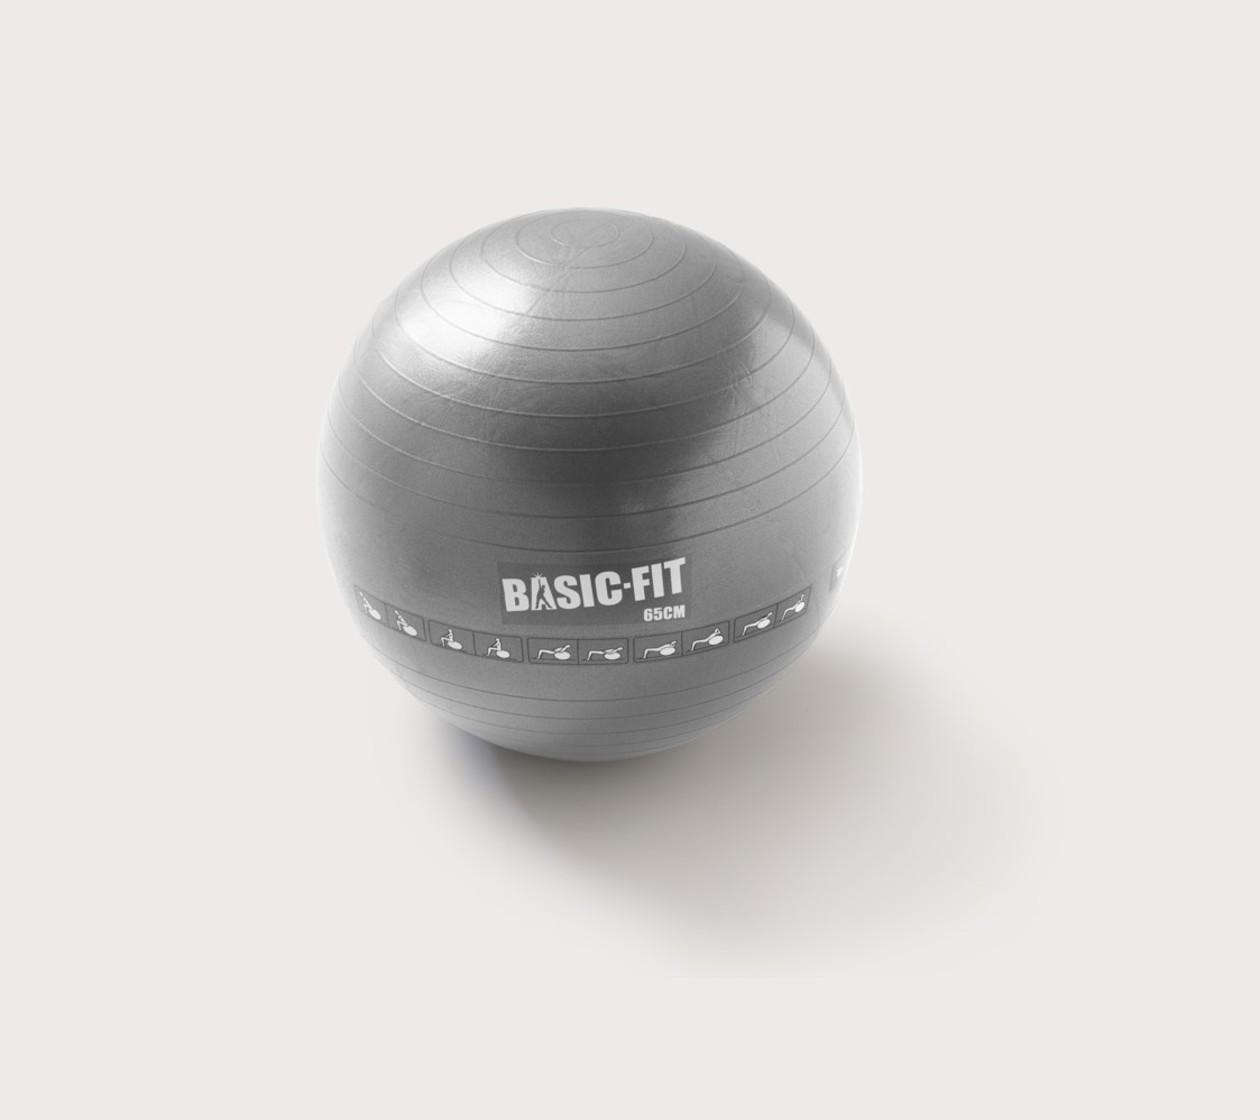 Light home workout bundel